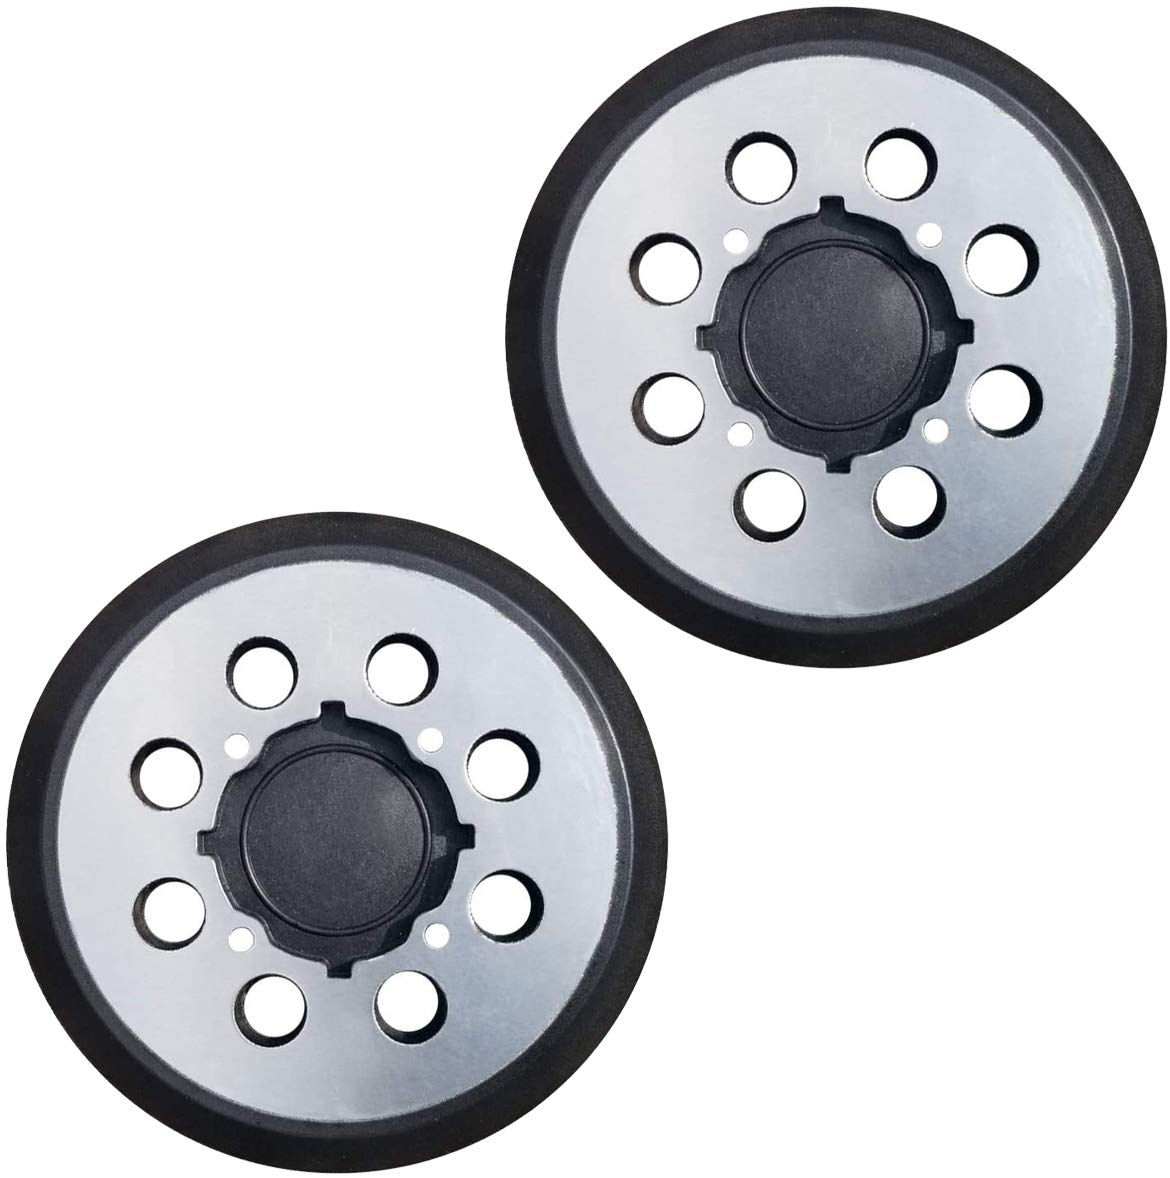 Tockrop 2 Pack 5 inch 8 Hole Hook and Loop Replacement Sander Pad for DeWalt DWE6423,6423K, DWE6421, 6421K, DCW210B Random Orbital Sander